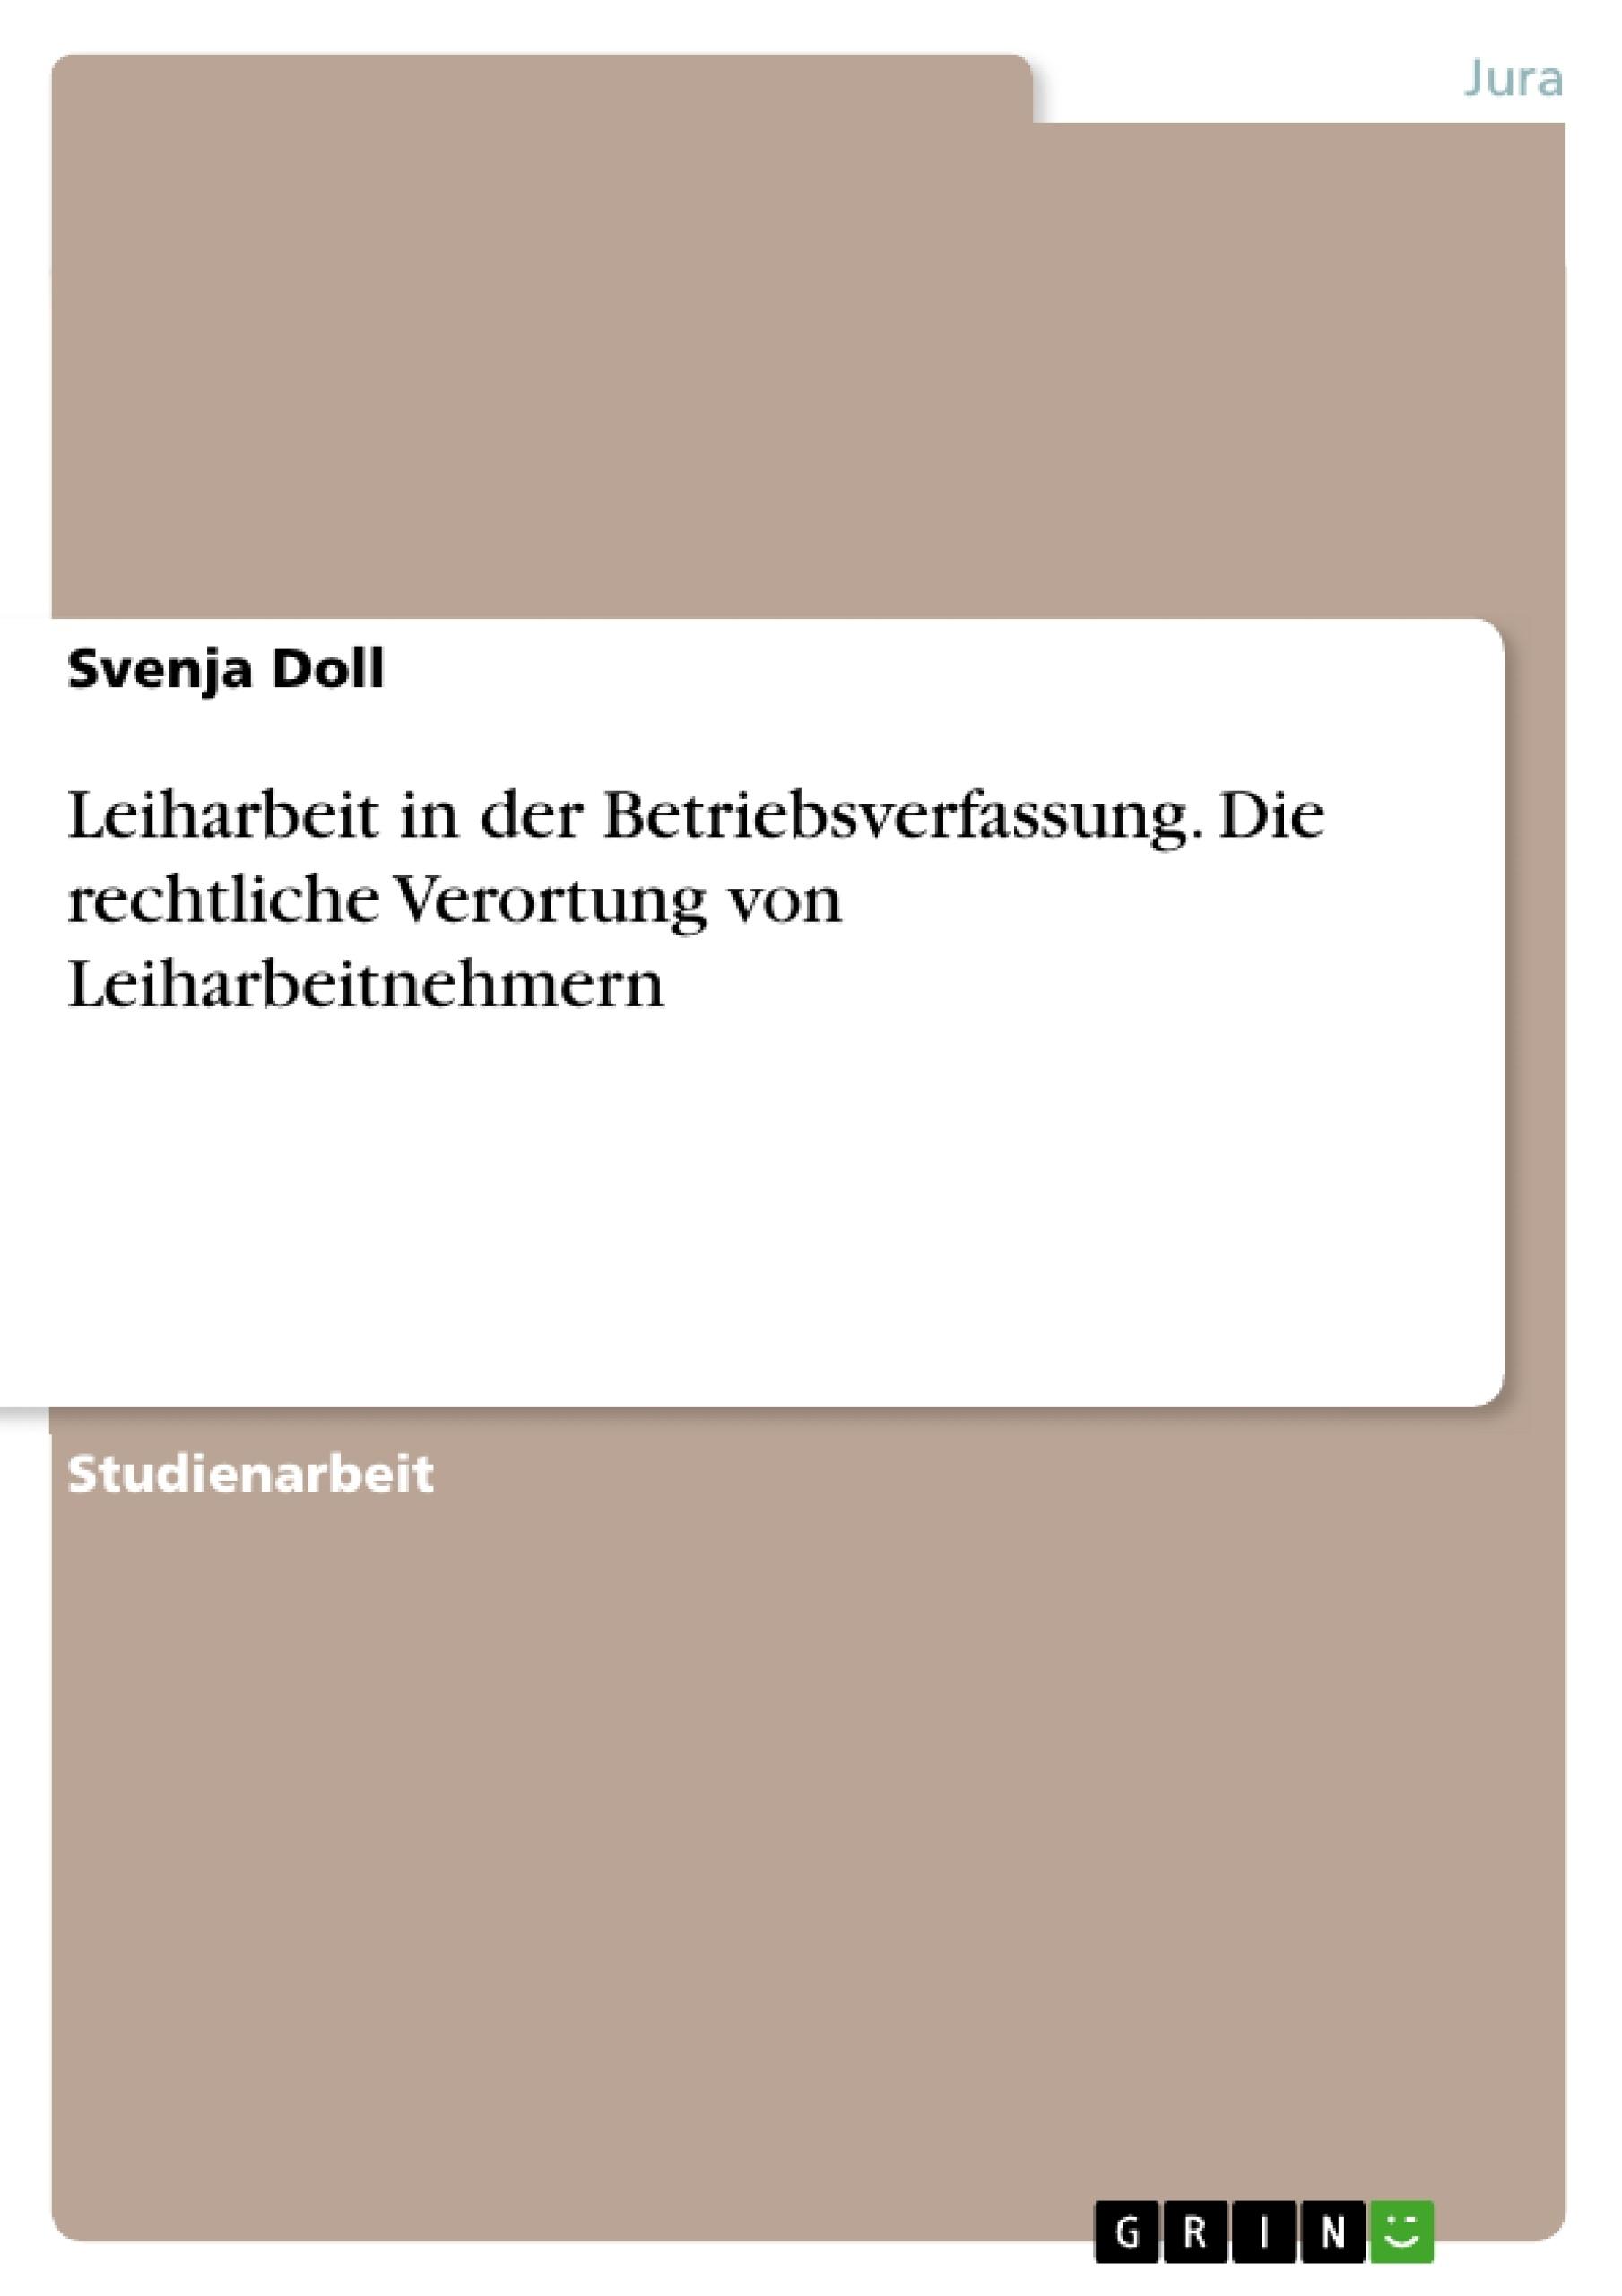 Titel: Leiharbeit in der Betriebsverfassung. Die rechtliche Verortung von Leiharbeitnehmern